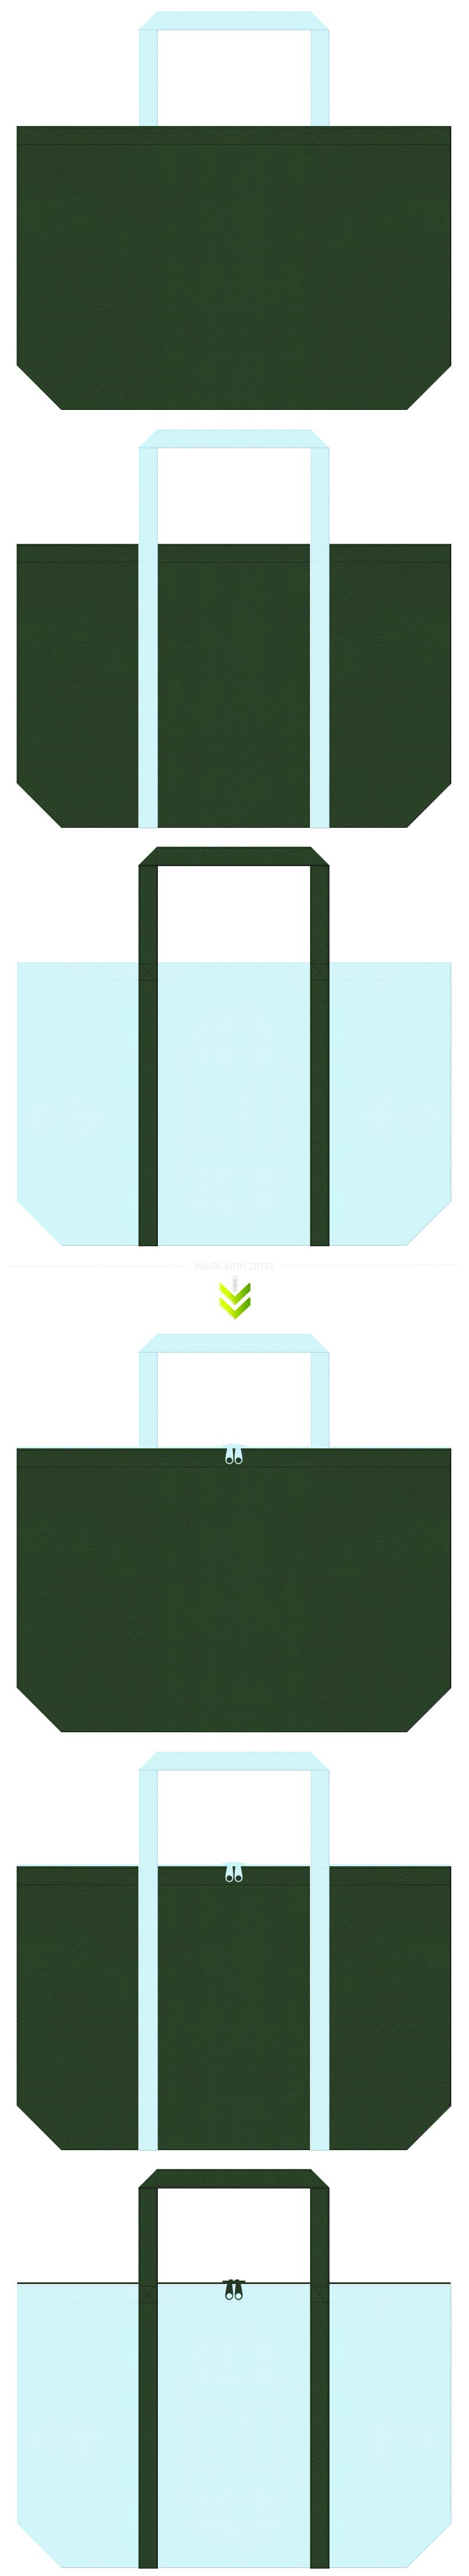 濃緑色と水色の不織布エコバッグのデザイン。